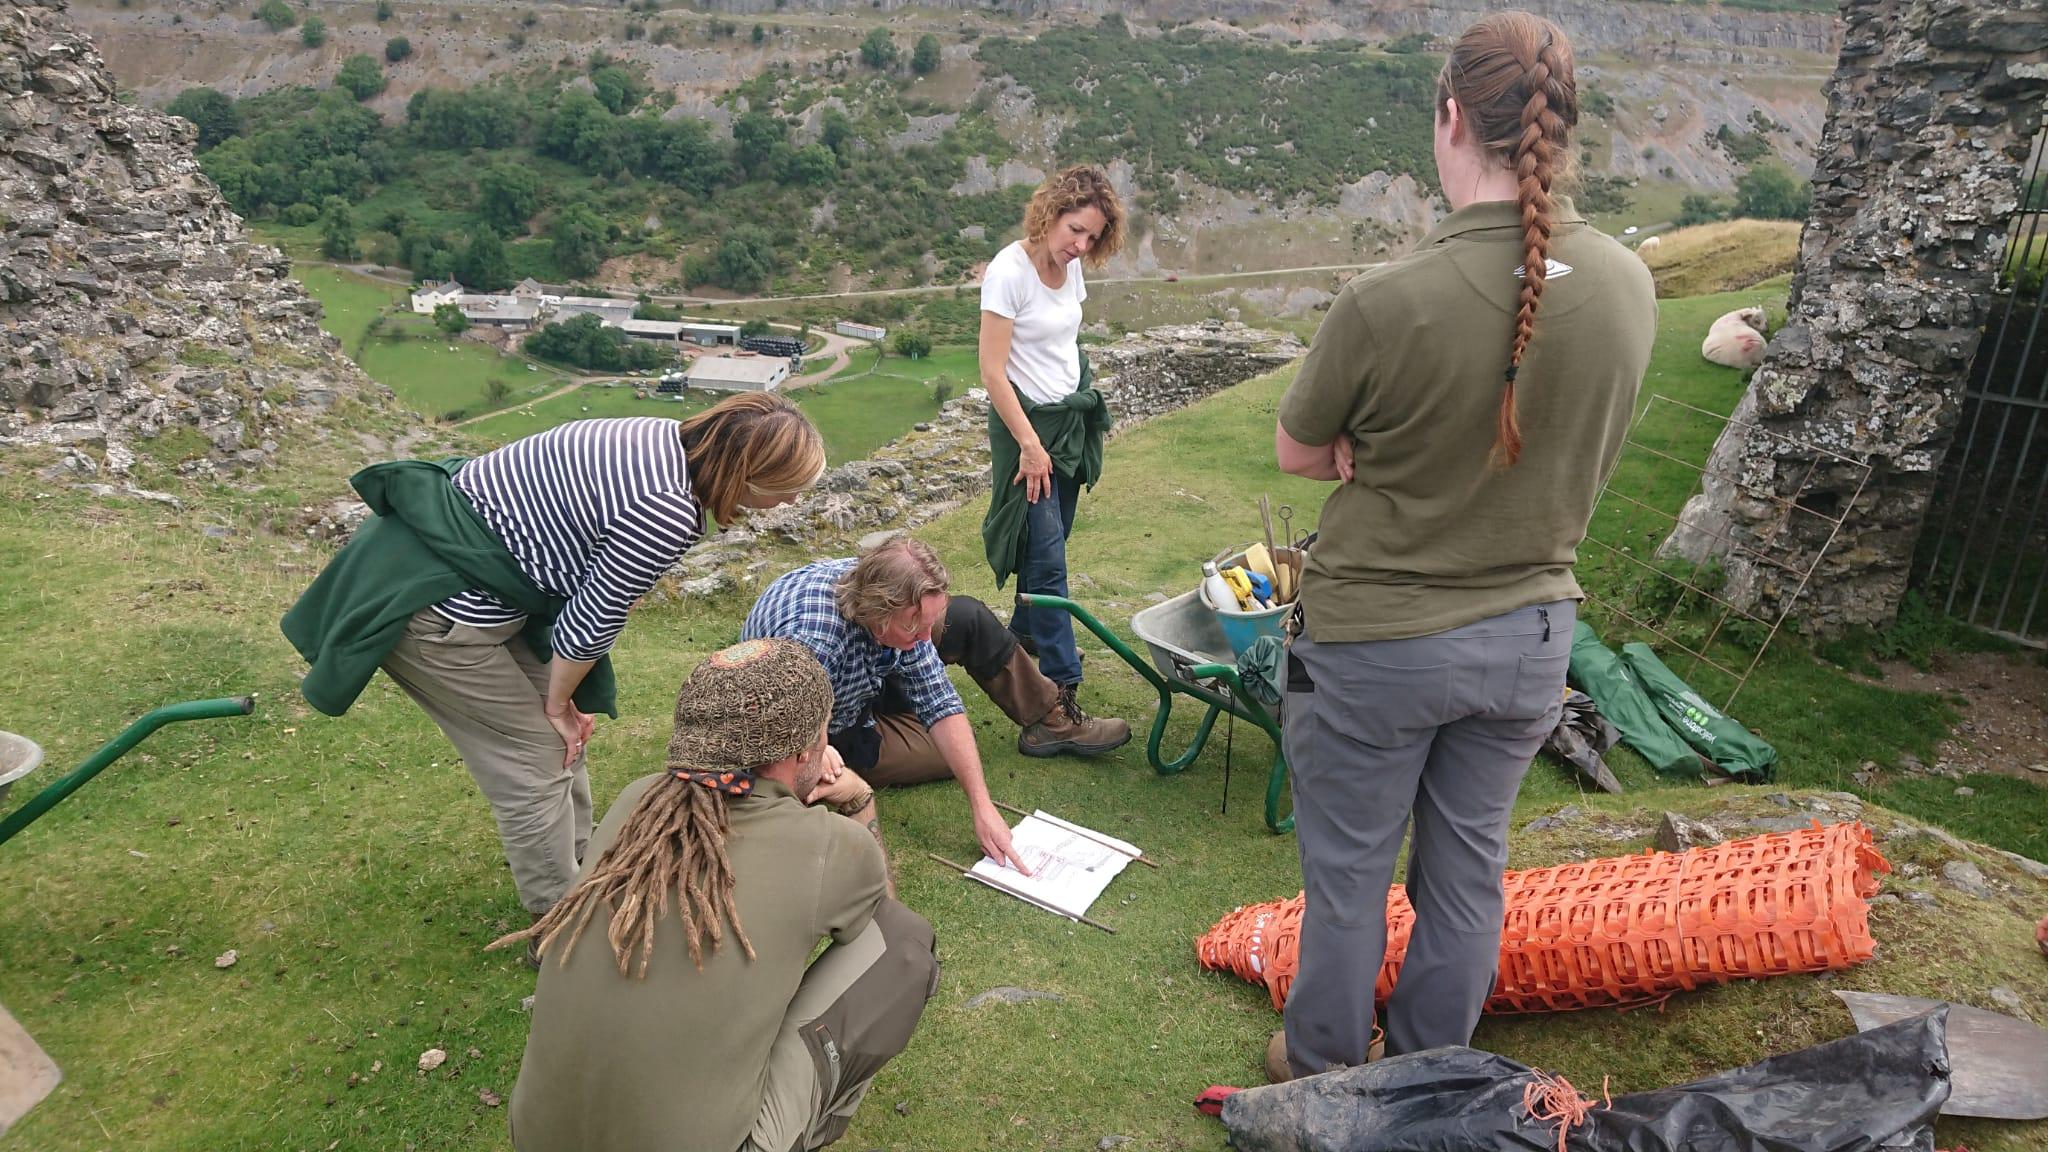 The Our Picturesque Landscape project team working with Clwyd-Powys Archaeological Trust / Tîm prosiect Ein Tirlun Darluniadwy yn gweithio gyda Ymddiriedolaeth Archaeolegol Clwyd-Powys